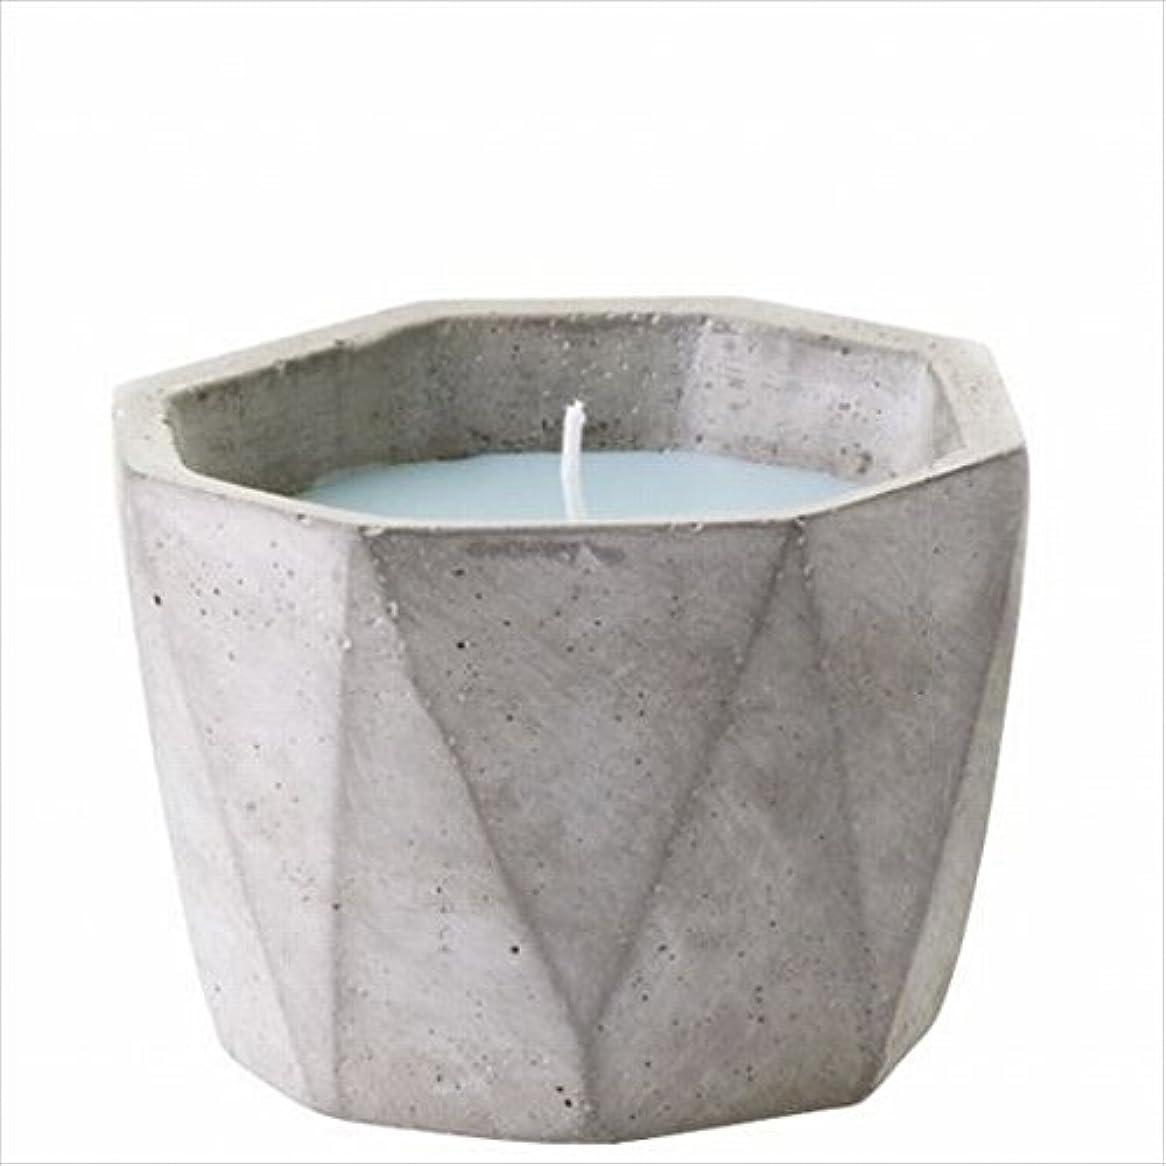 性差別害虫立場カメヤマキャンドル(kameyama candle) POiNT A LA LiGNE セメントポットセンティッドキャンドル 「 モックオレンジミント 」